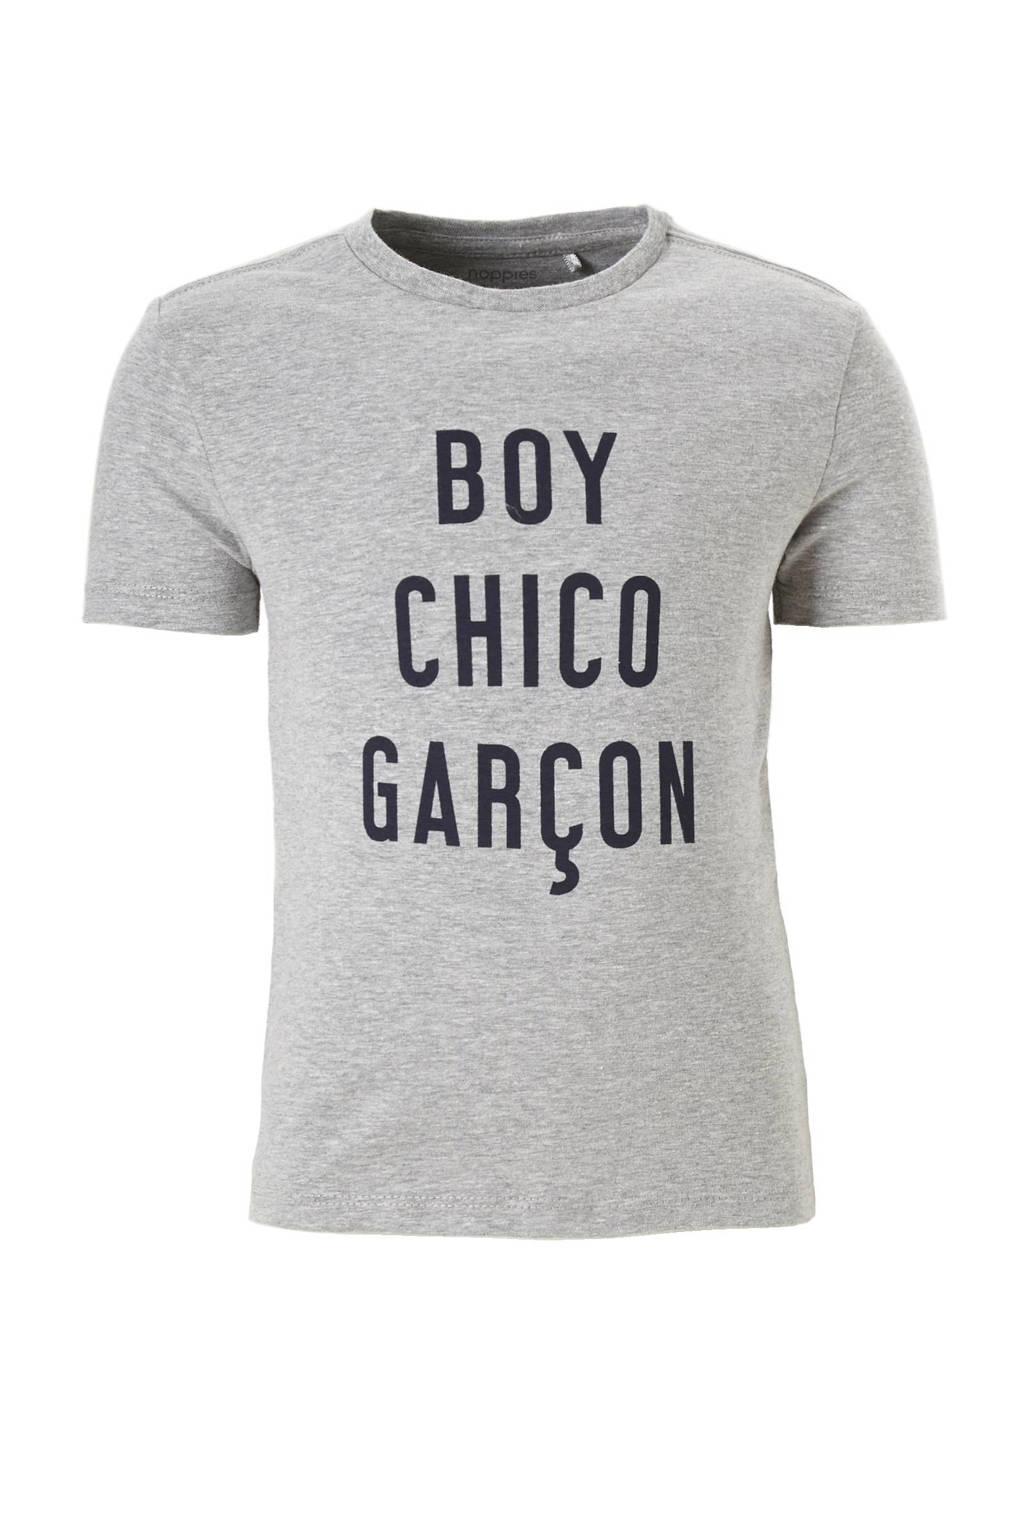 Noppies T-shirt Nocera, Grijs melange / donkerblauw